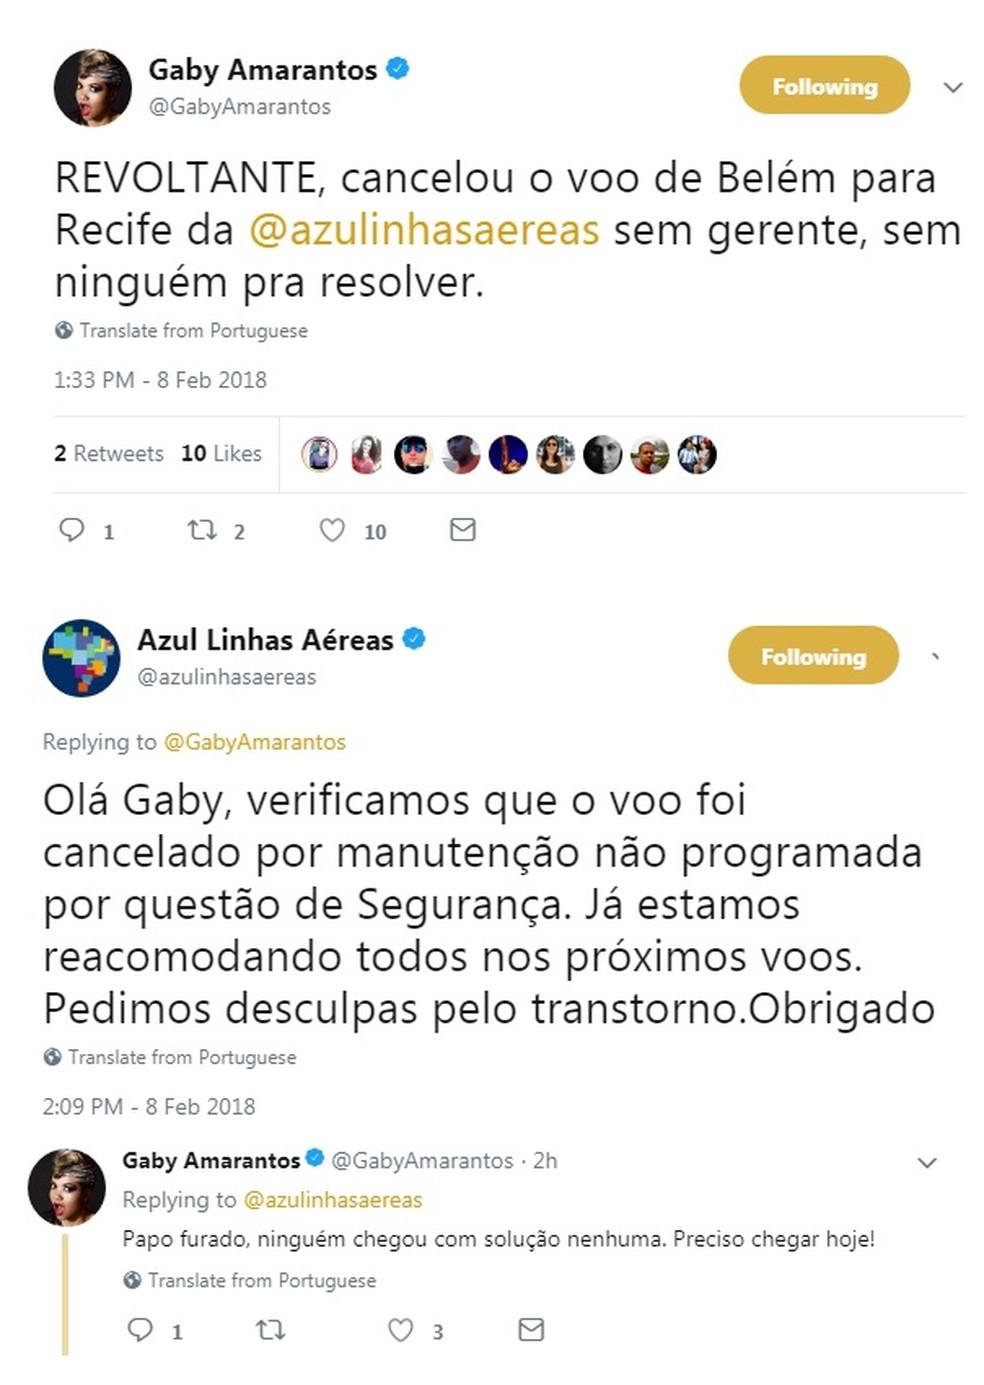 """Empresa responde às mensagens da cantora nas redes sociais. Gaby returcou: """"Papo furado, ninguém chegou com solução"""". (Foto: Reproduçao / Twitter)"""